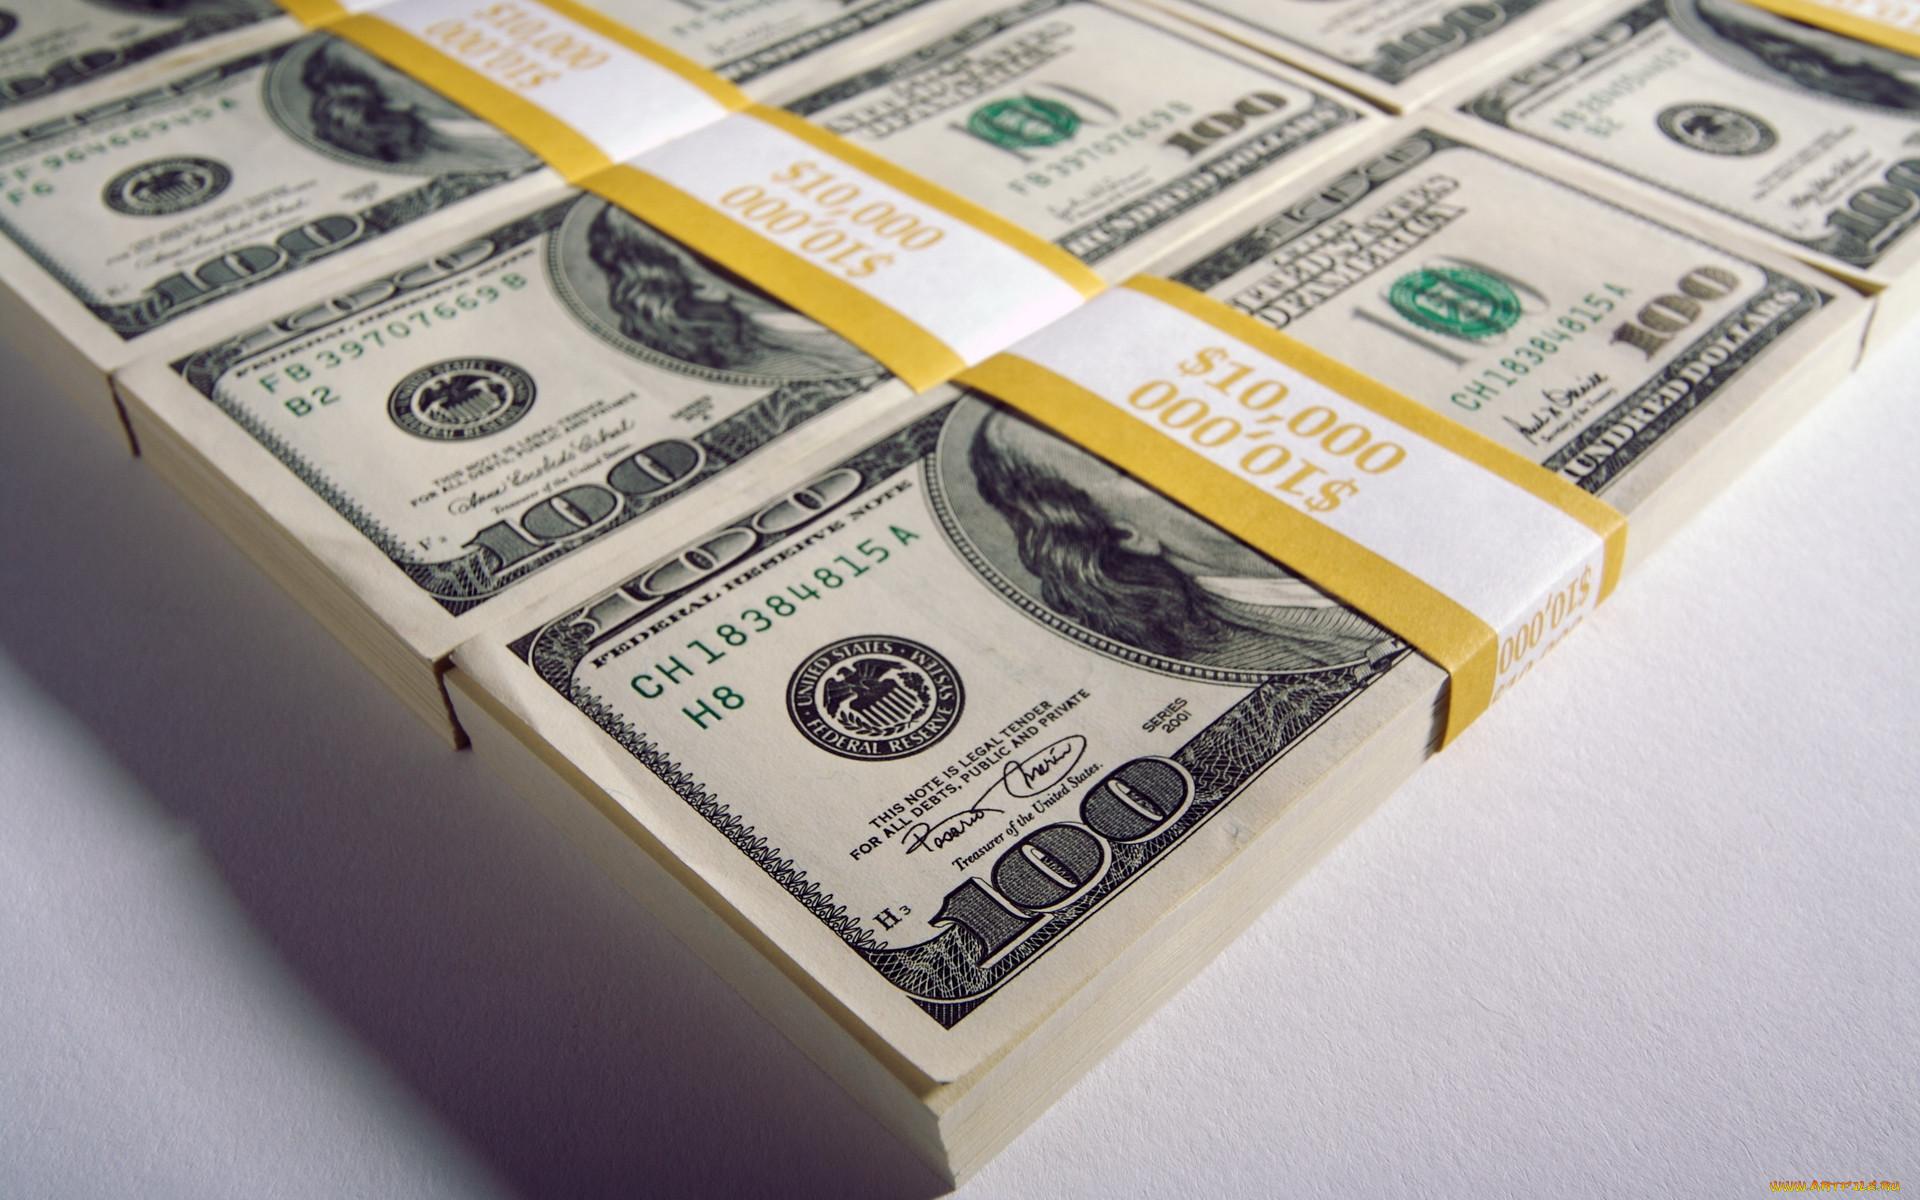 сквозных отверстий, доллар пачкам фото схватка длилась